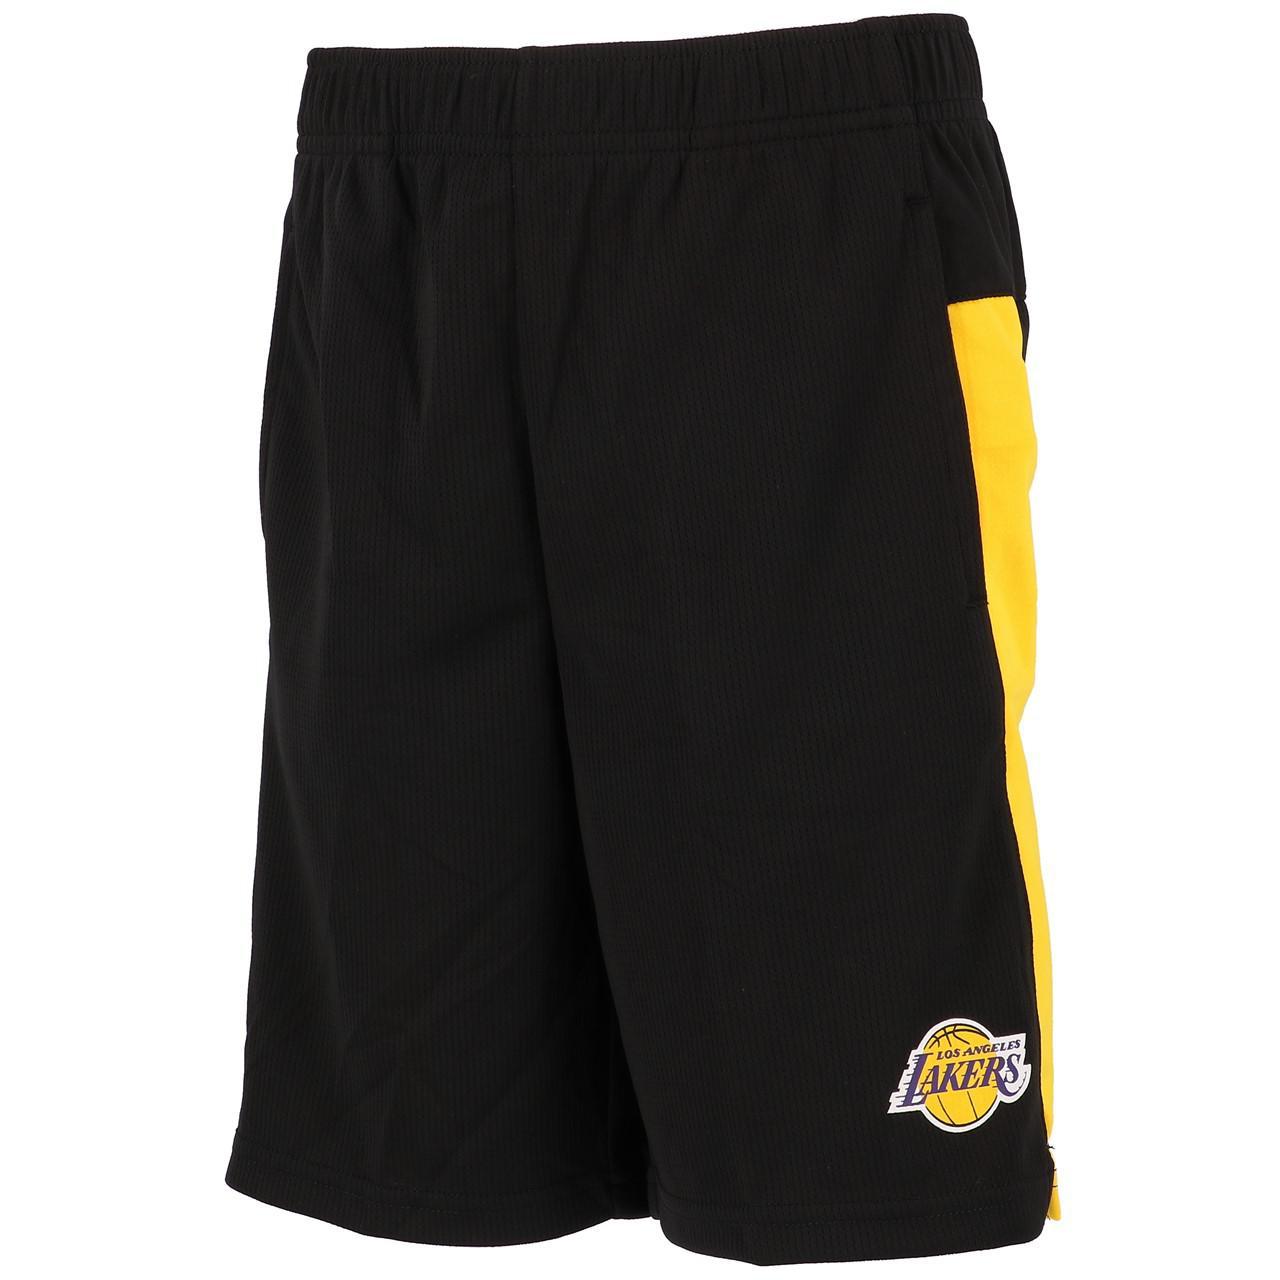 Ensemble-set-Outstuff-Lakers-minikit-maillot-short-Noir-57655-Neuf miniature 4